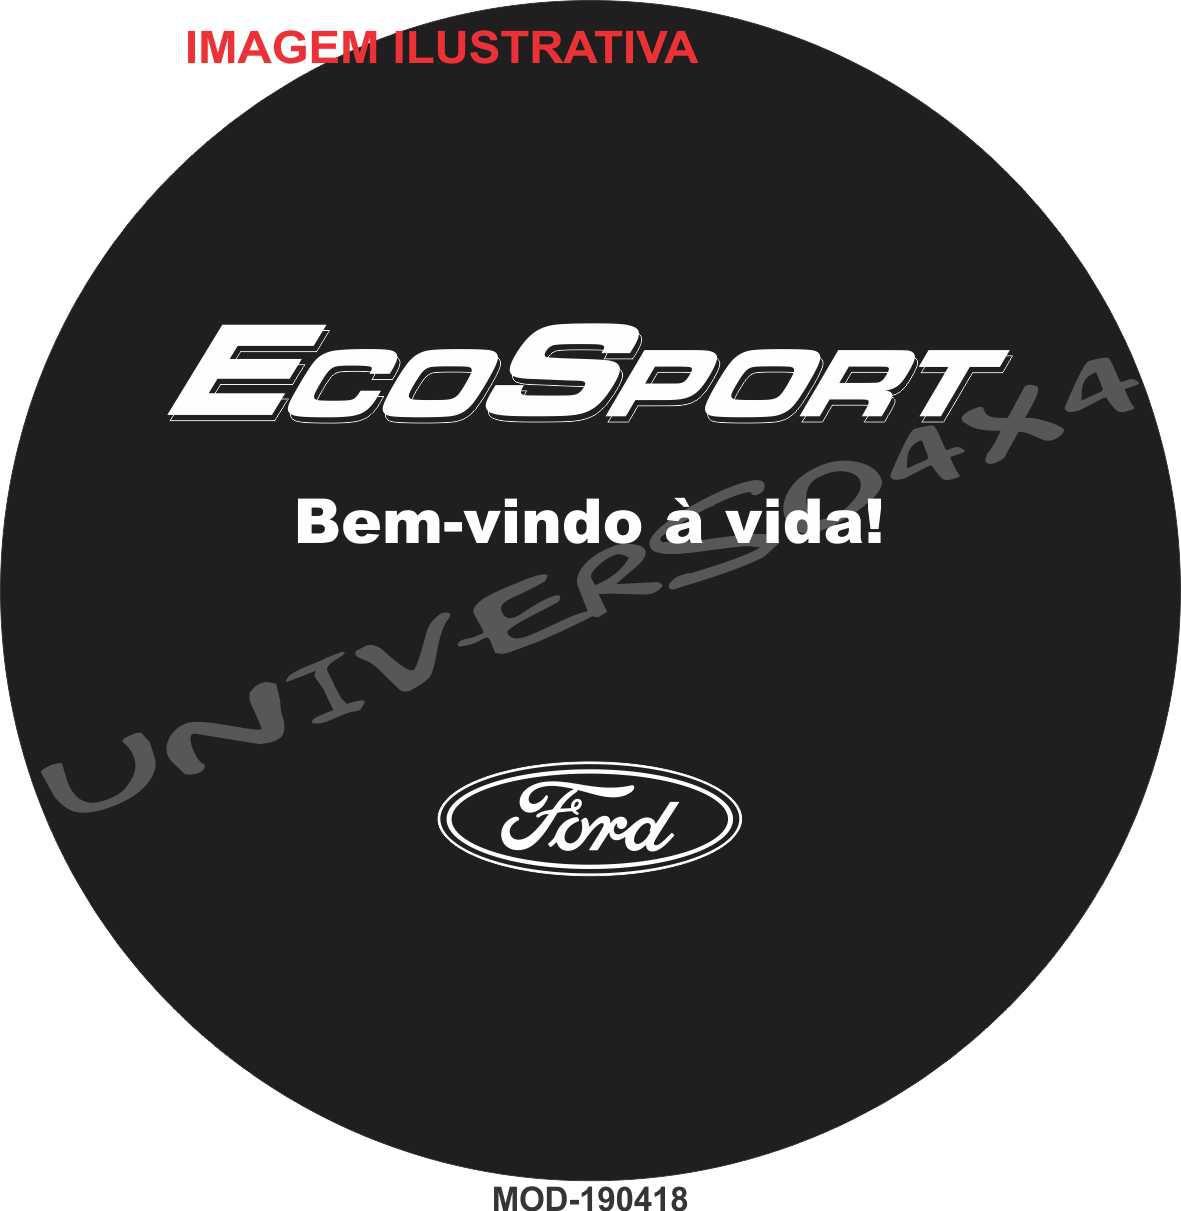 Capa Estepe Ecosport Bem Vindo à Vida M-190418